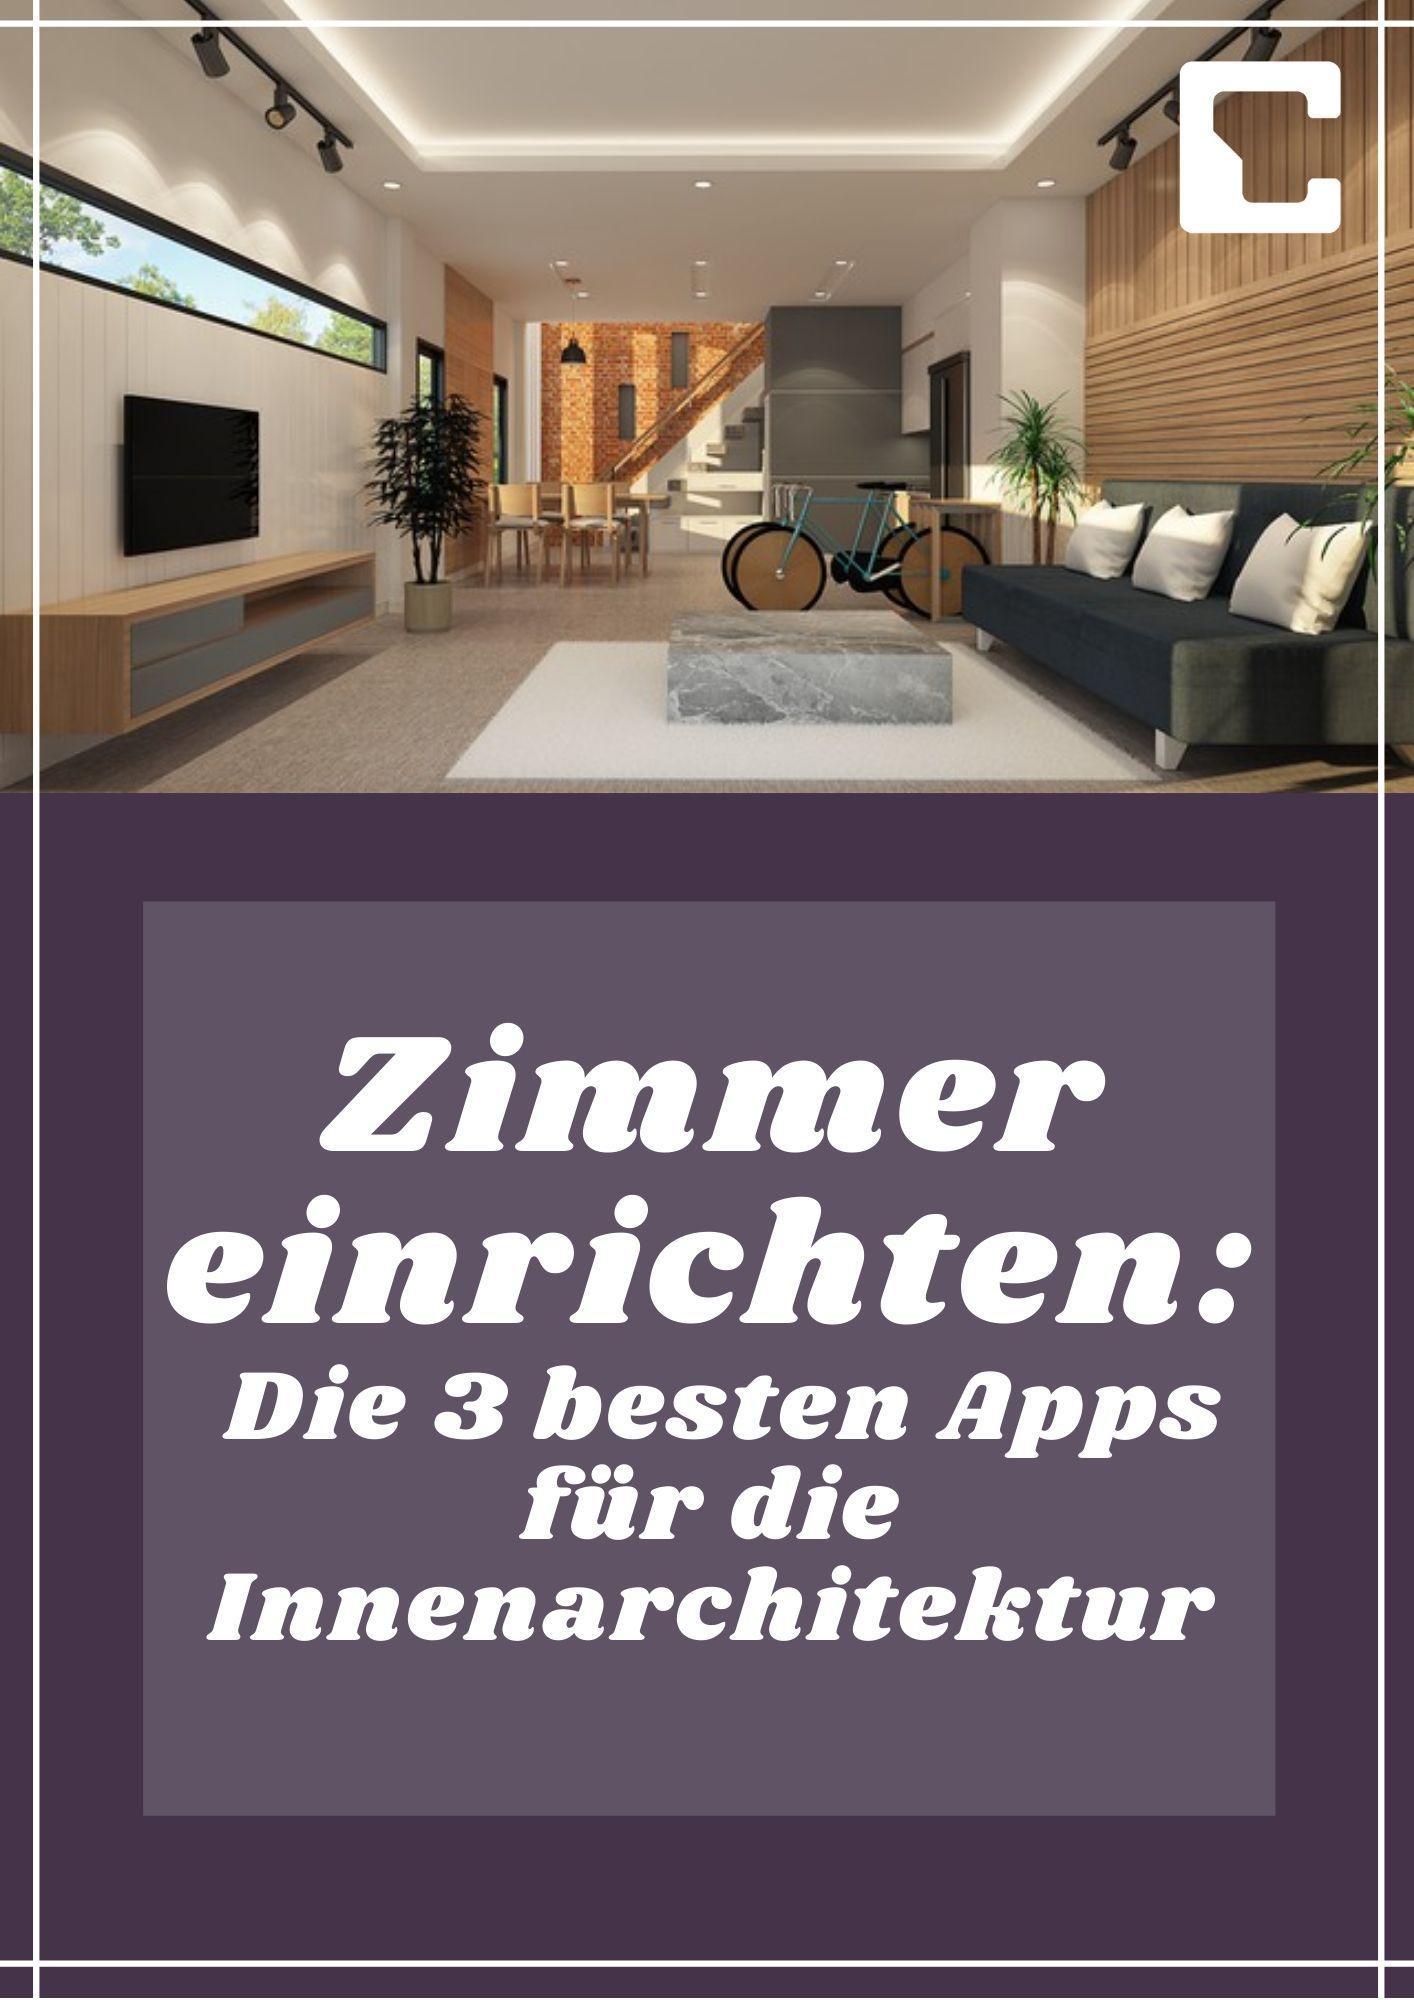 Zimmer einrichten Die 21 besten Apps für die Innenarchitektur ...